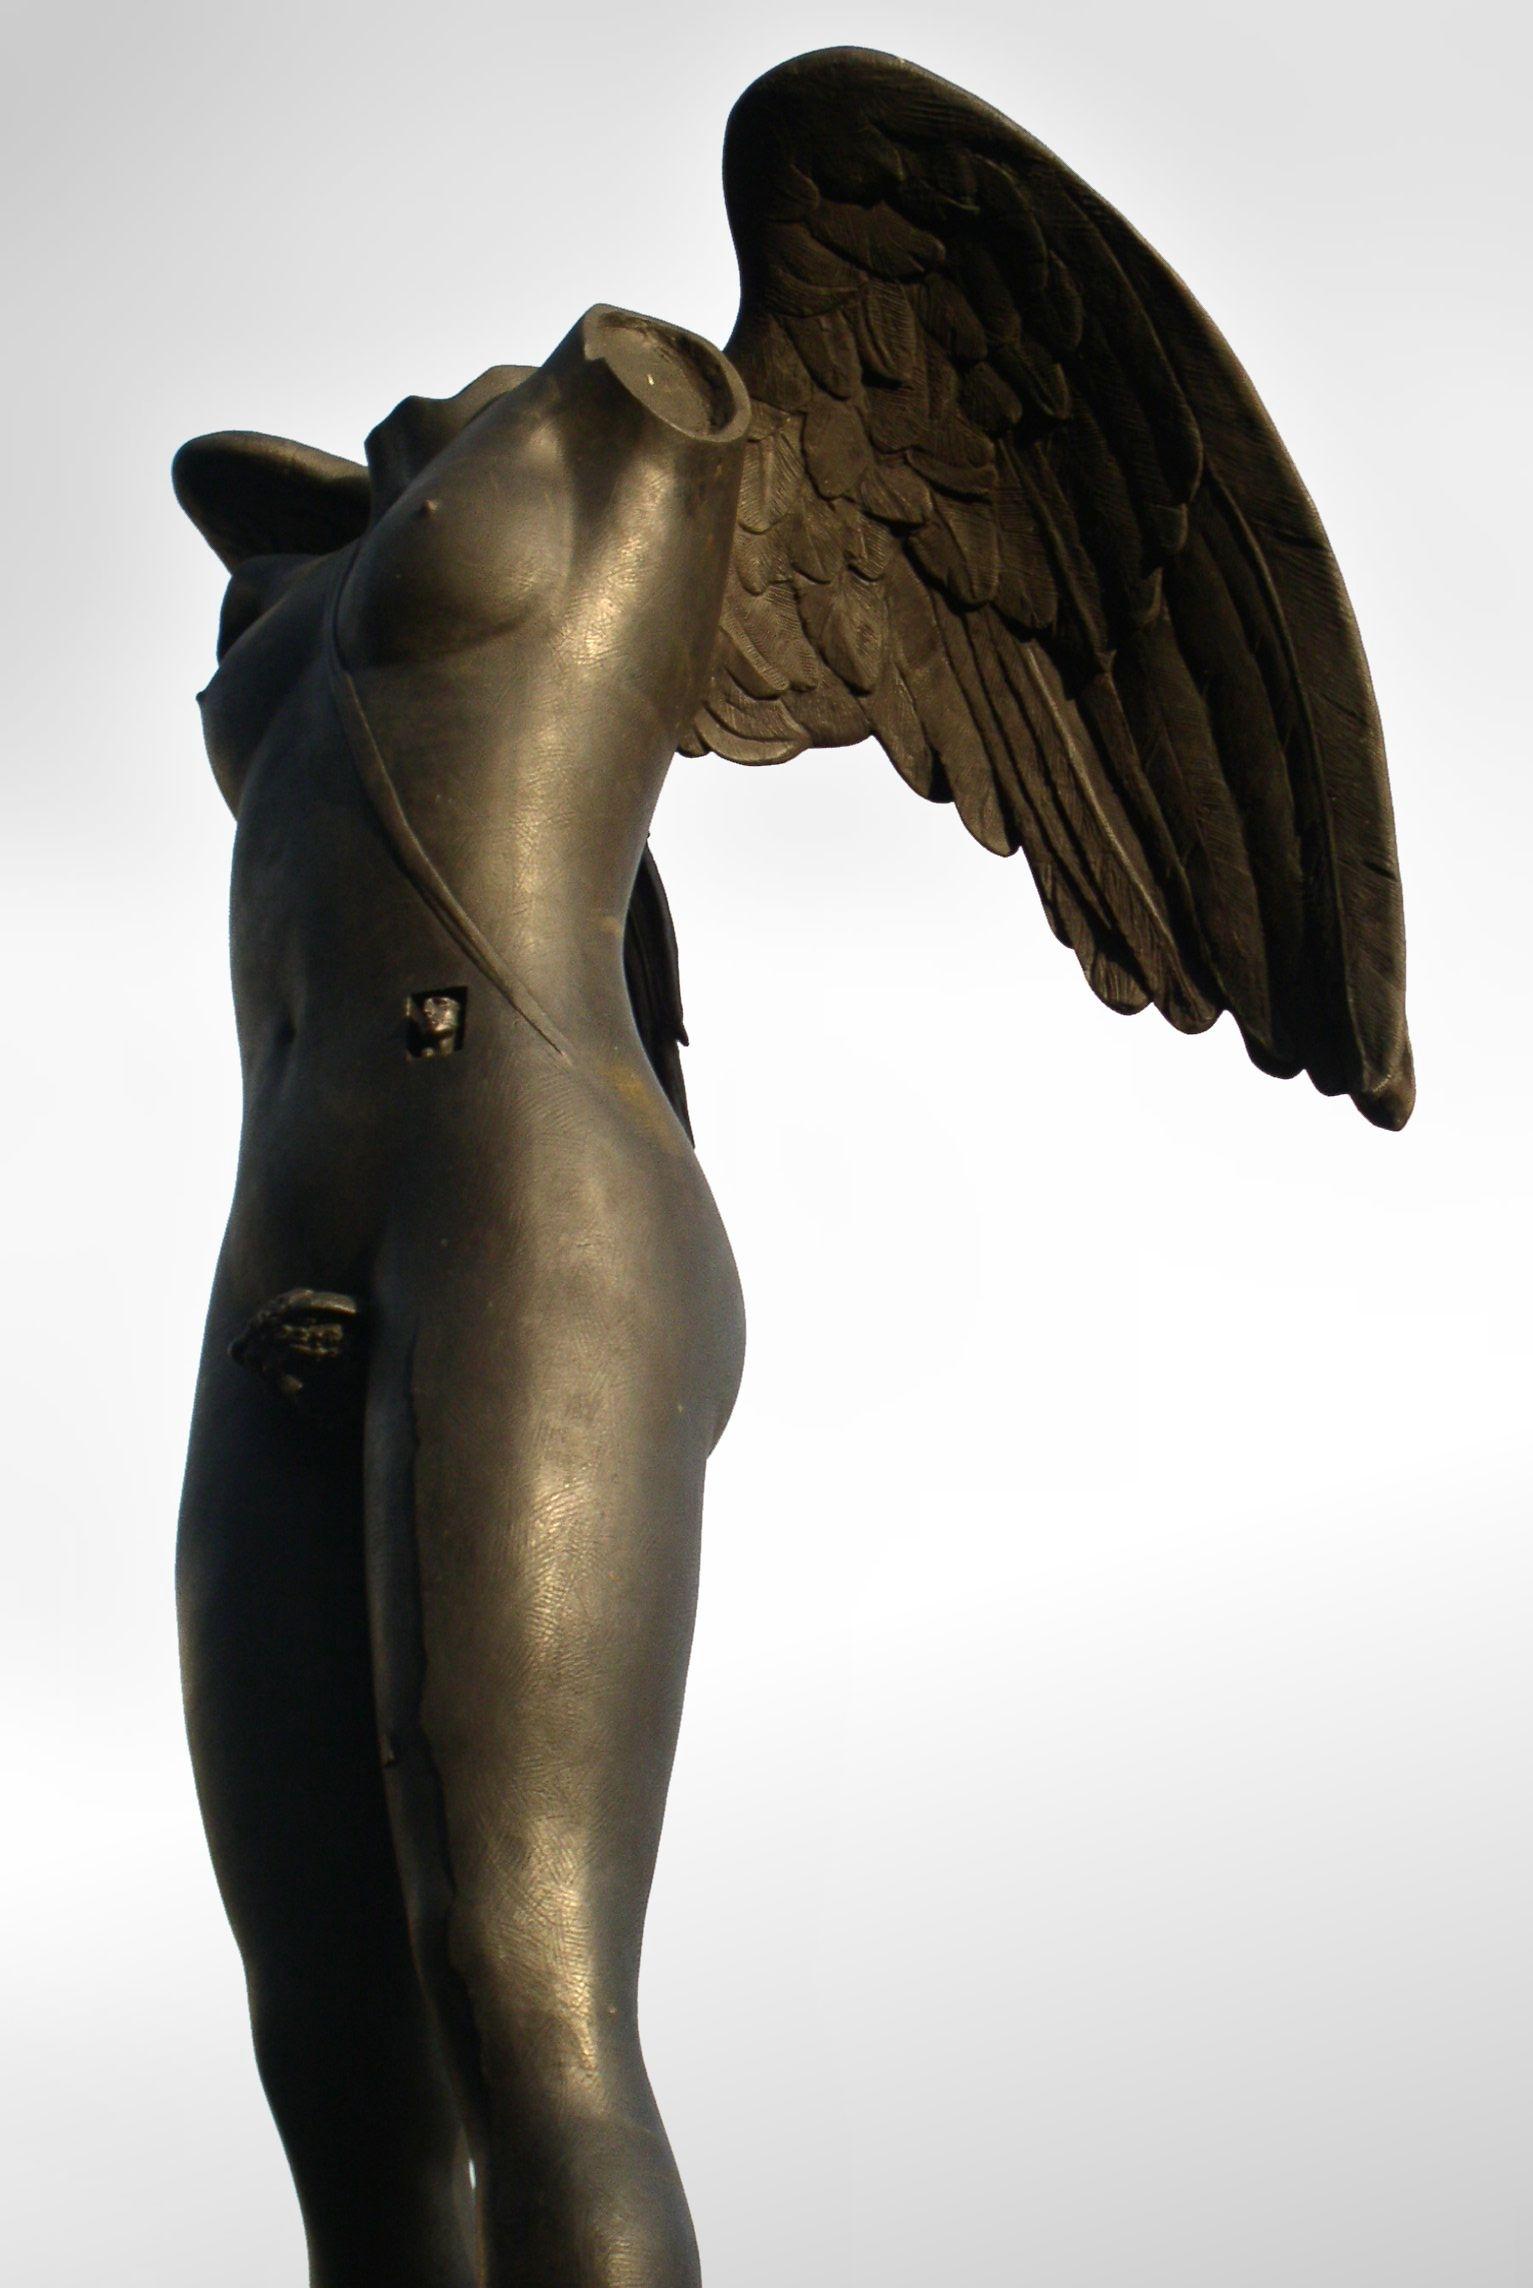 angel-sculpture-by-mitoraj